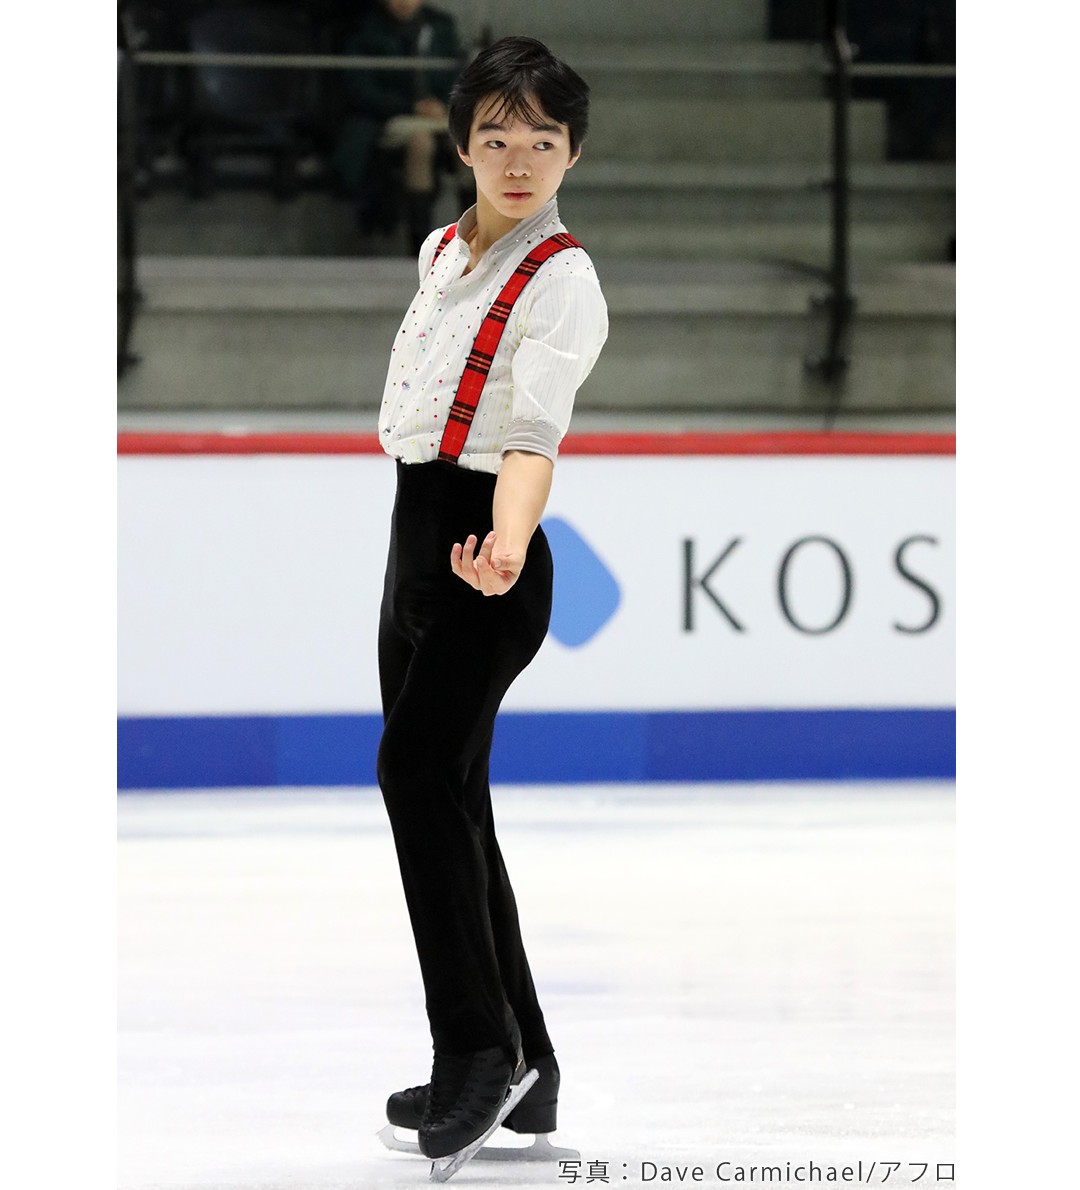 2020年フィギュアスケート世界ジュニア選手権に出場した鍵山優真選手2